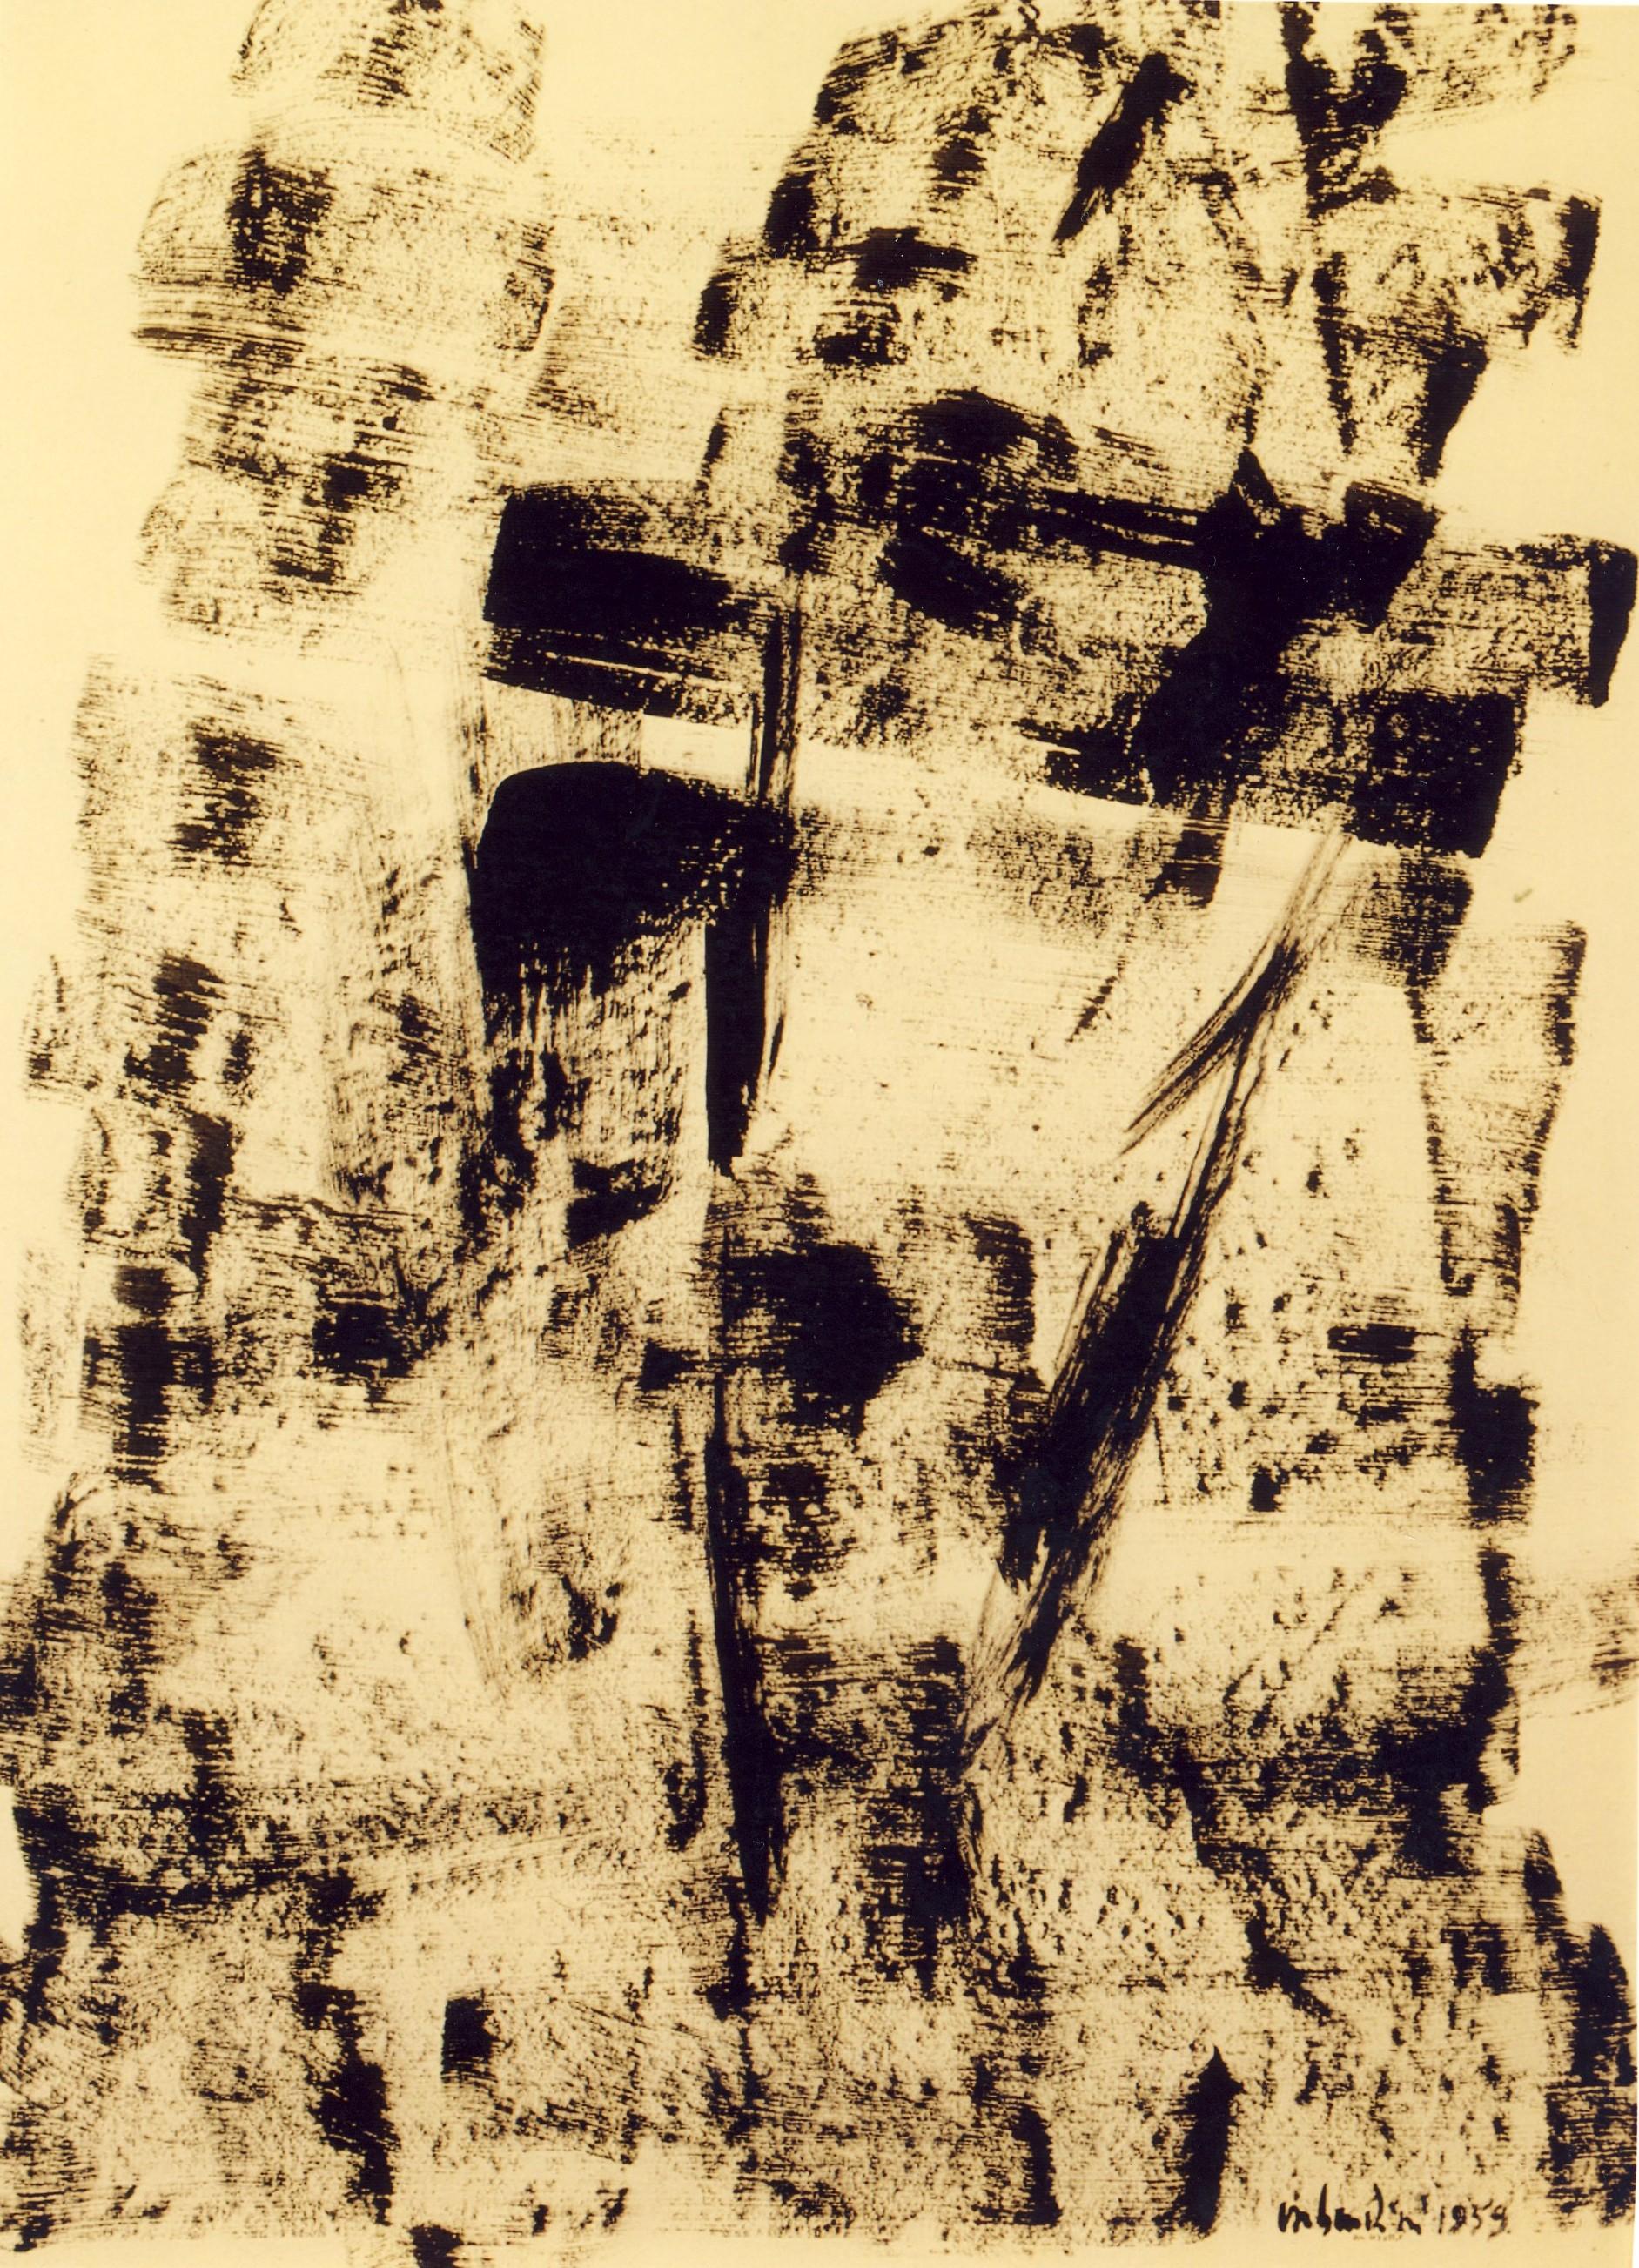 senza titolo, 1959, tempera acrilica su carta intelata, cm 102 x 75  untitled, 1959, acrylic tempera on canvassed paper, cm 102 x 75